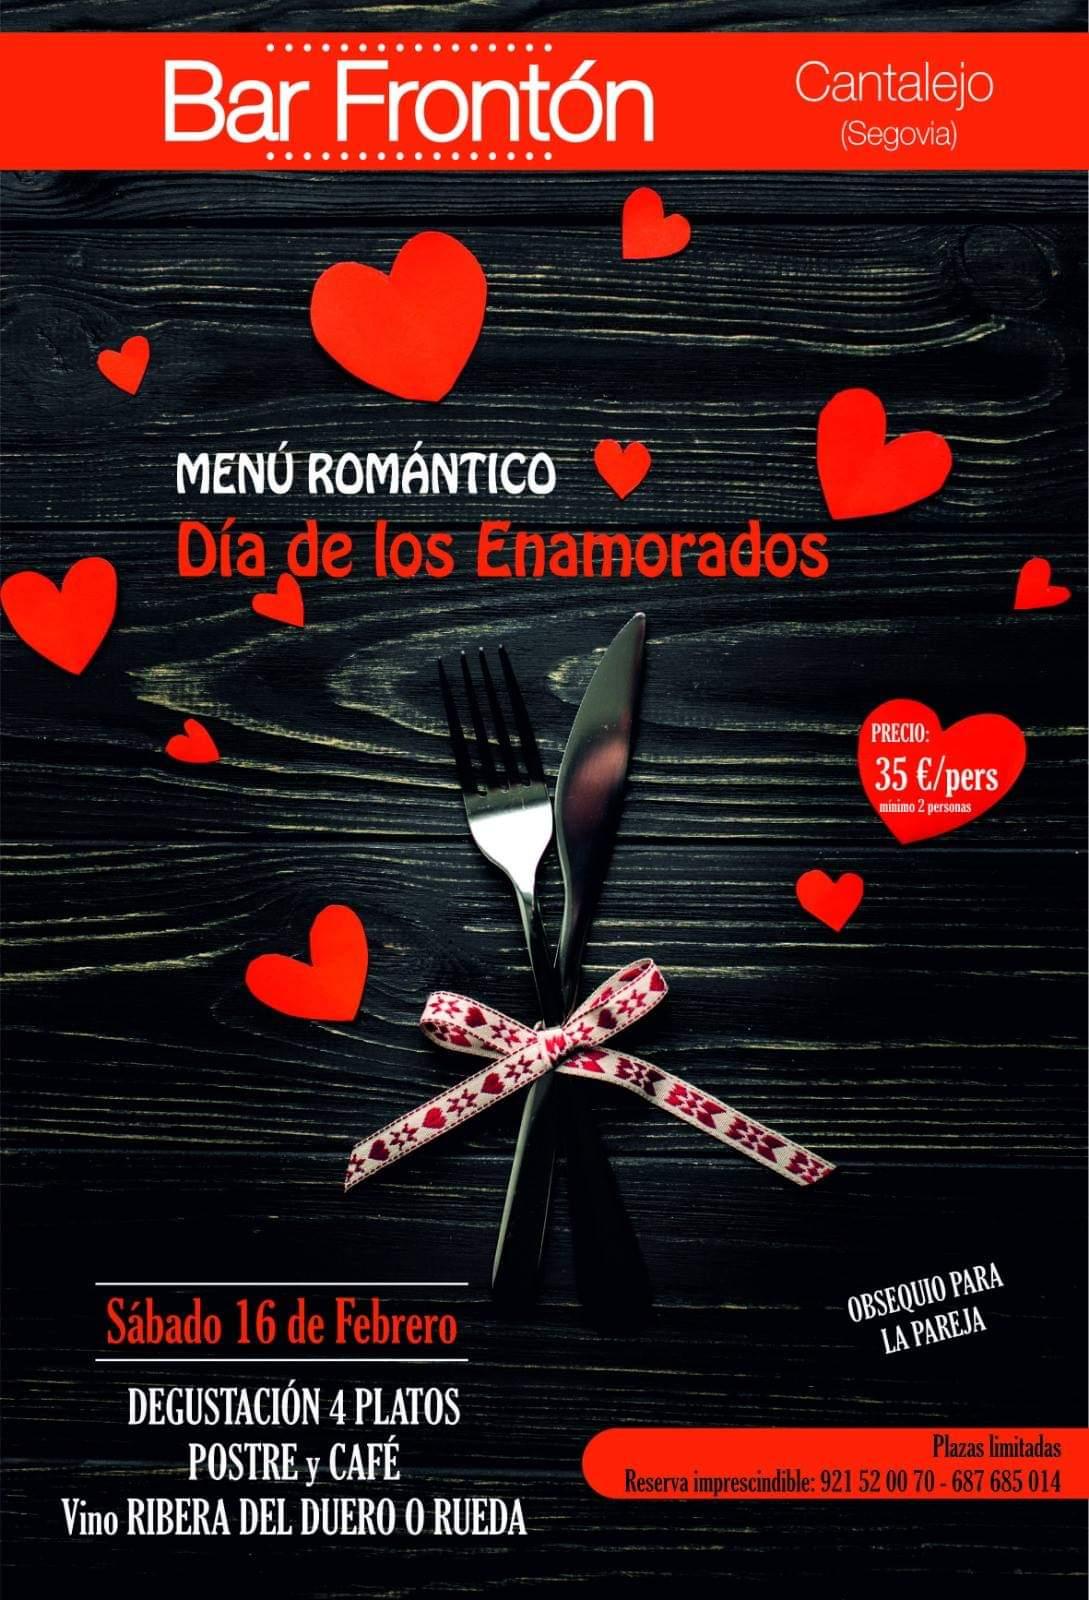 Día de los enamorados 2019. San Valentín 2019.